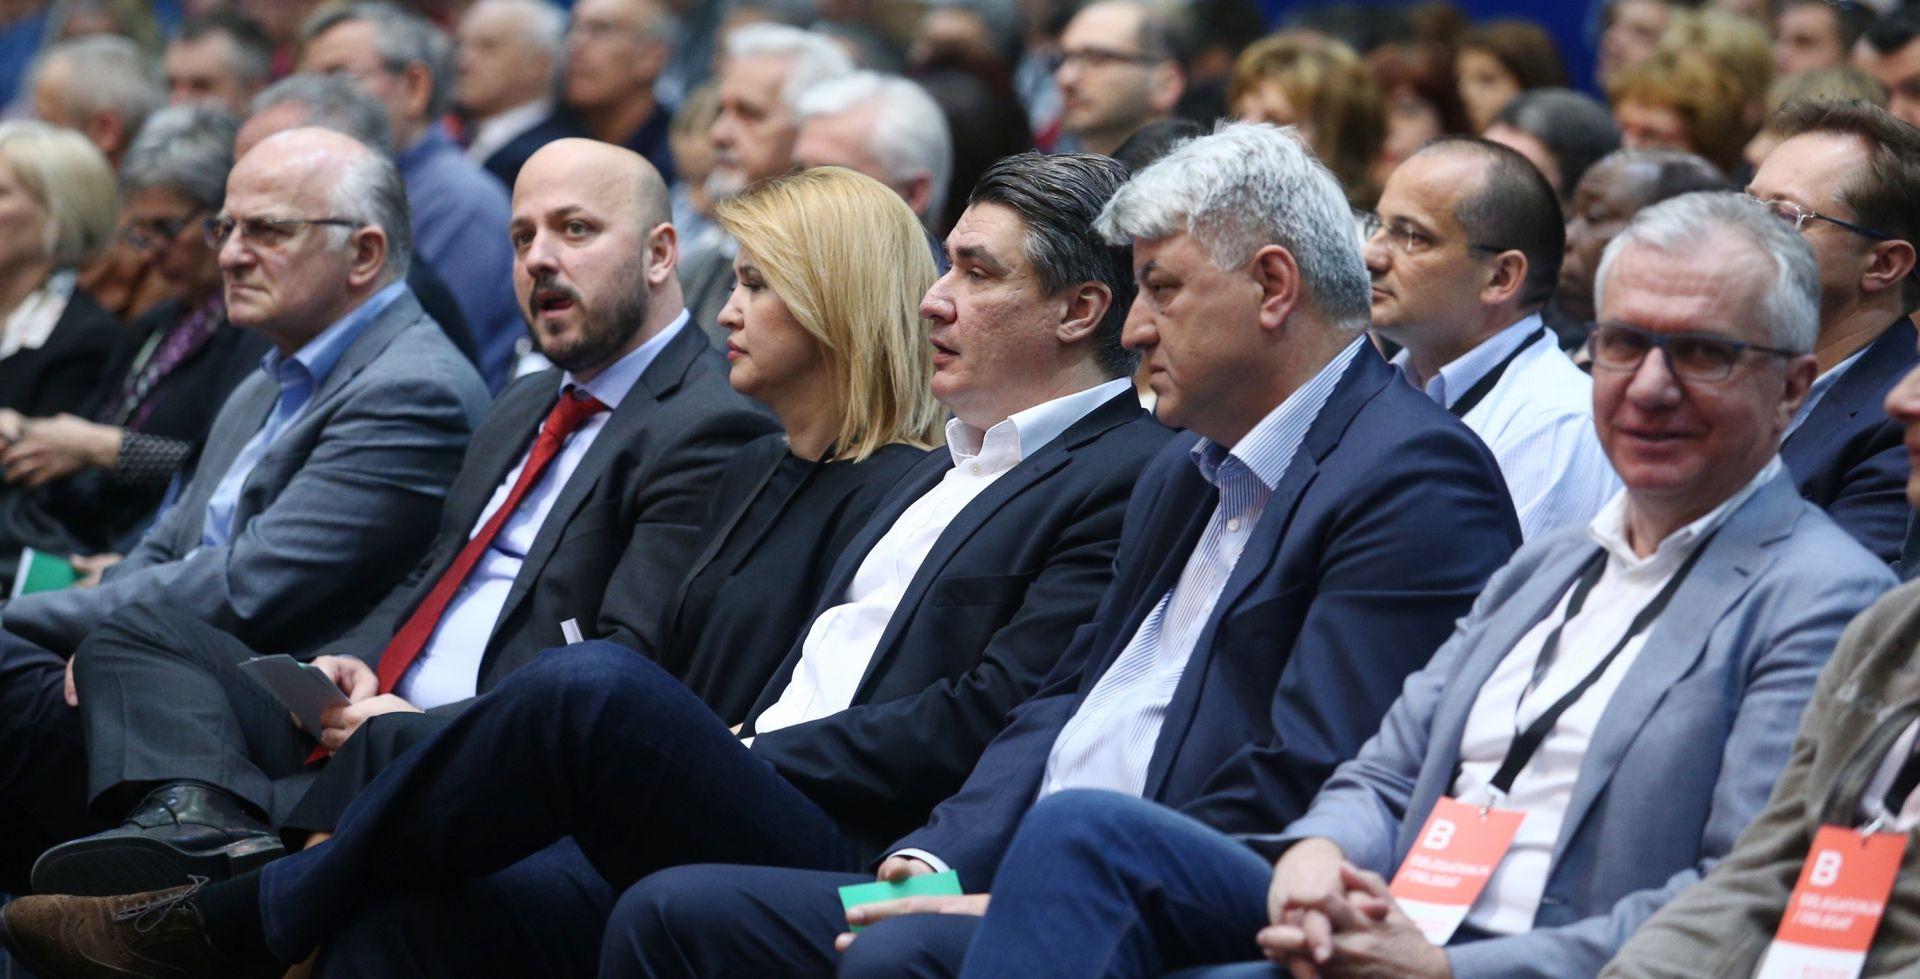 Ostojić, Bernardić, Picula i Opačić novi potpredsjednici SDP-a